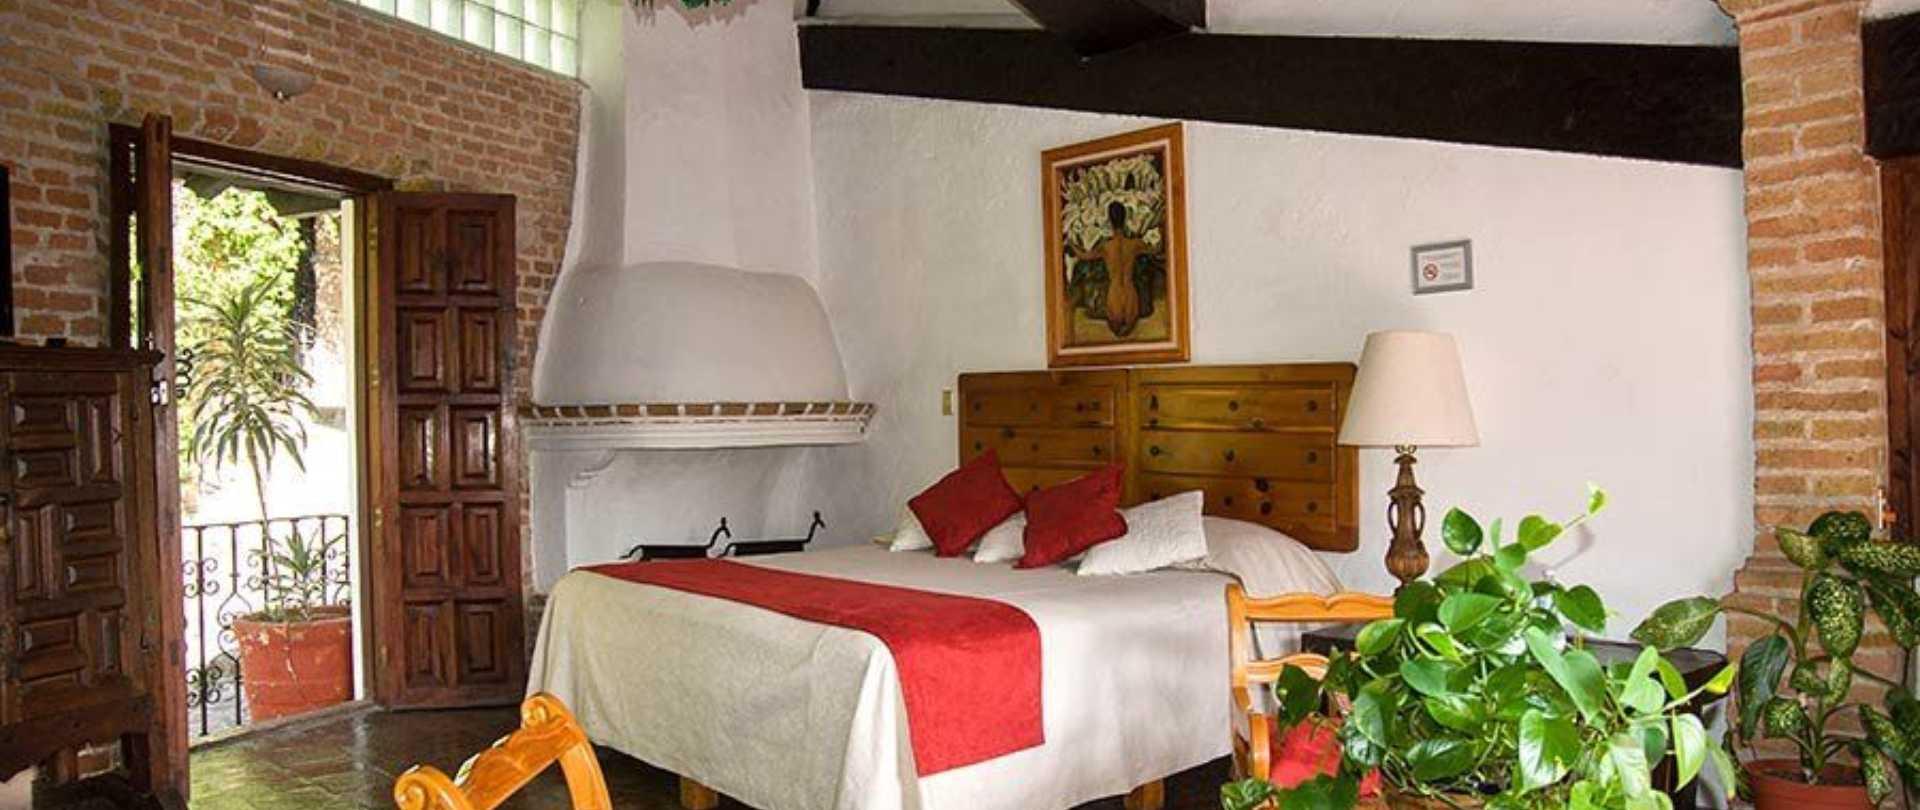 Donde dormir en Taxco, Guerrero